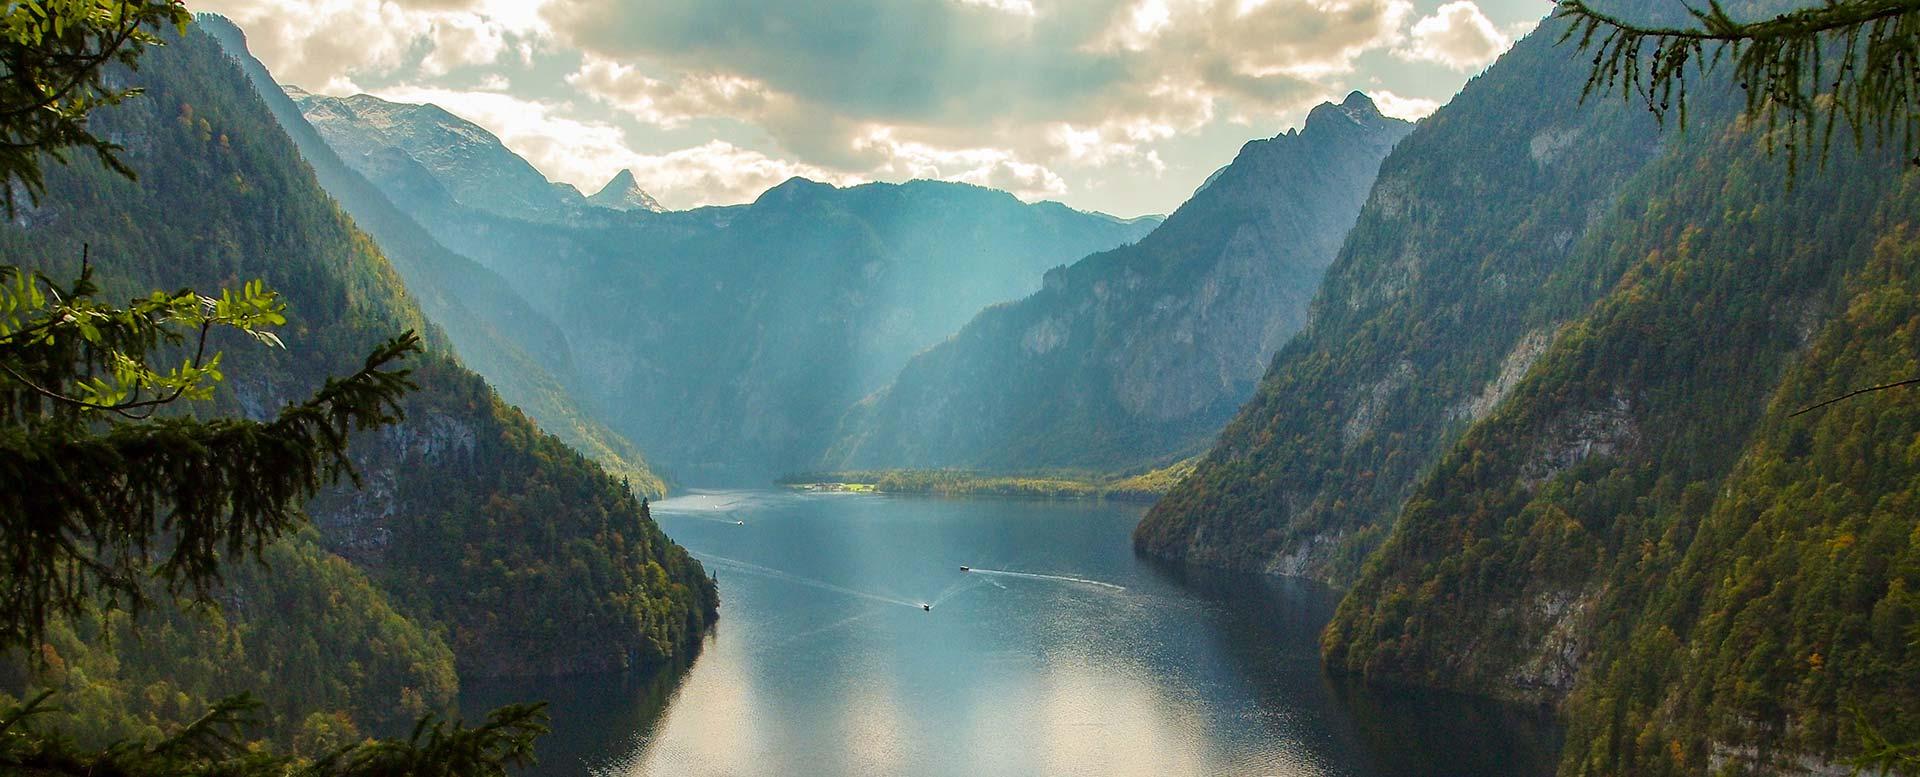 Nationalparks Deutschland - Berchtesgarden